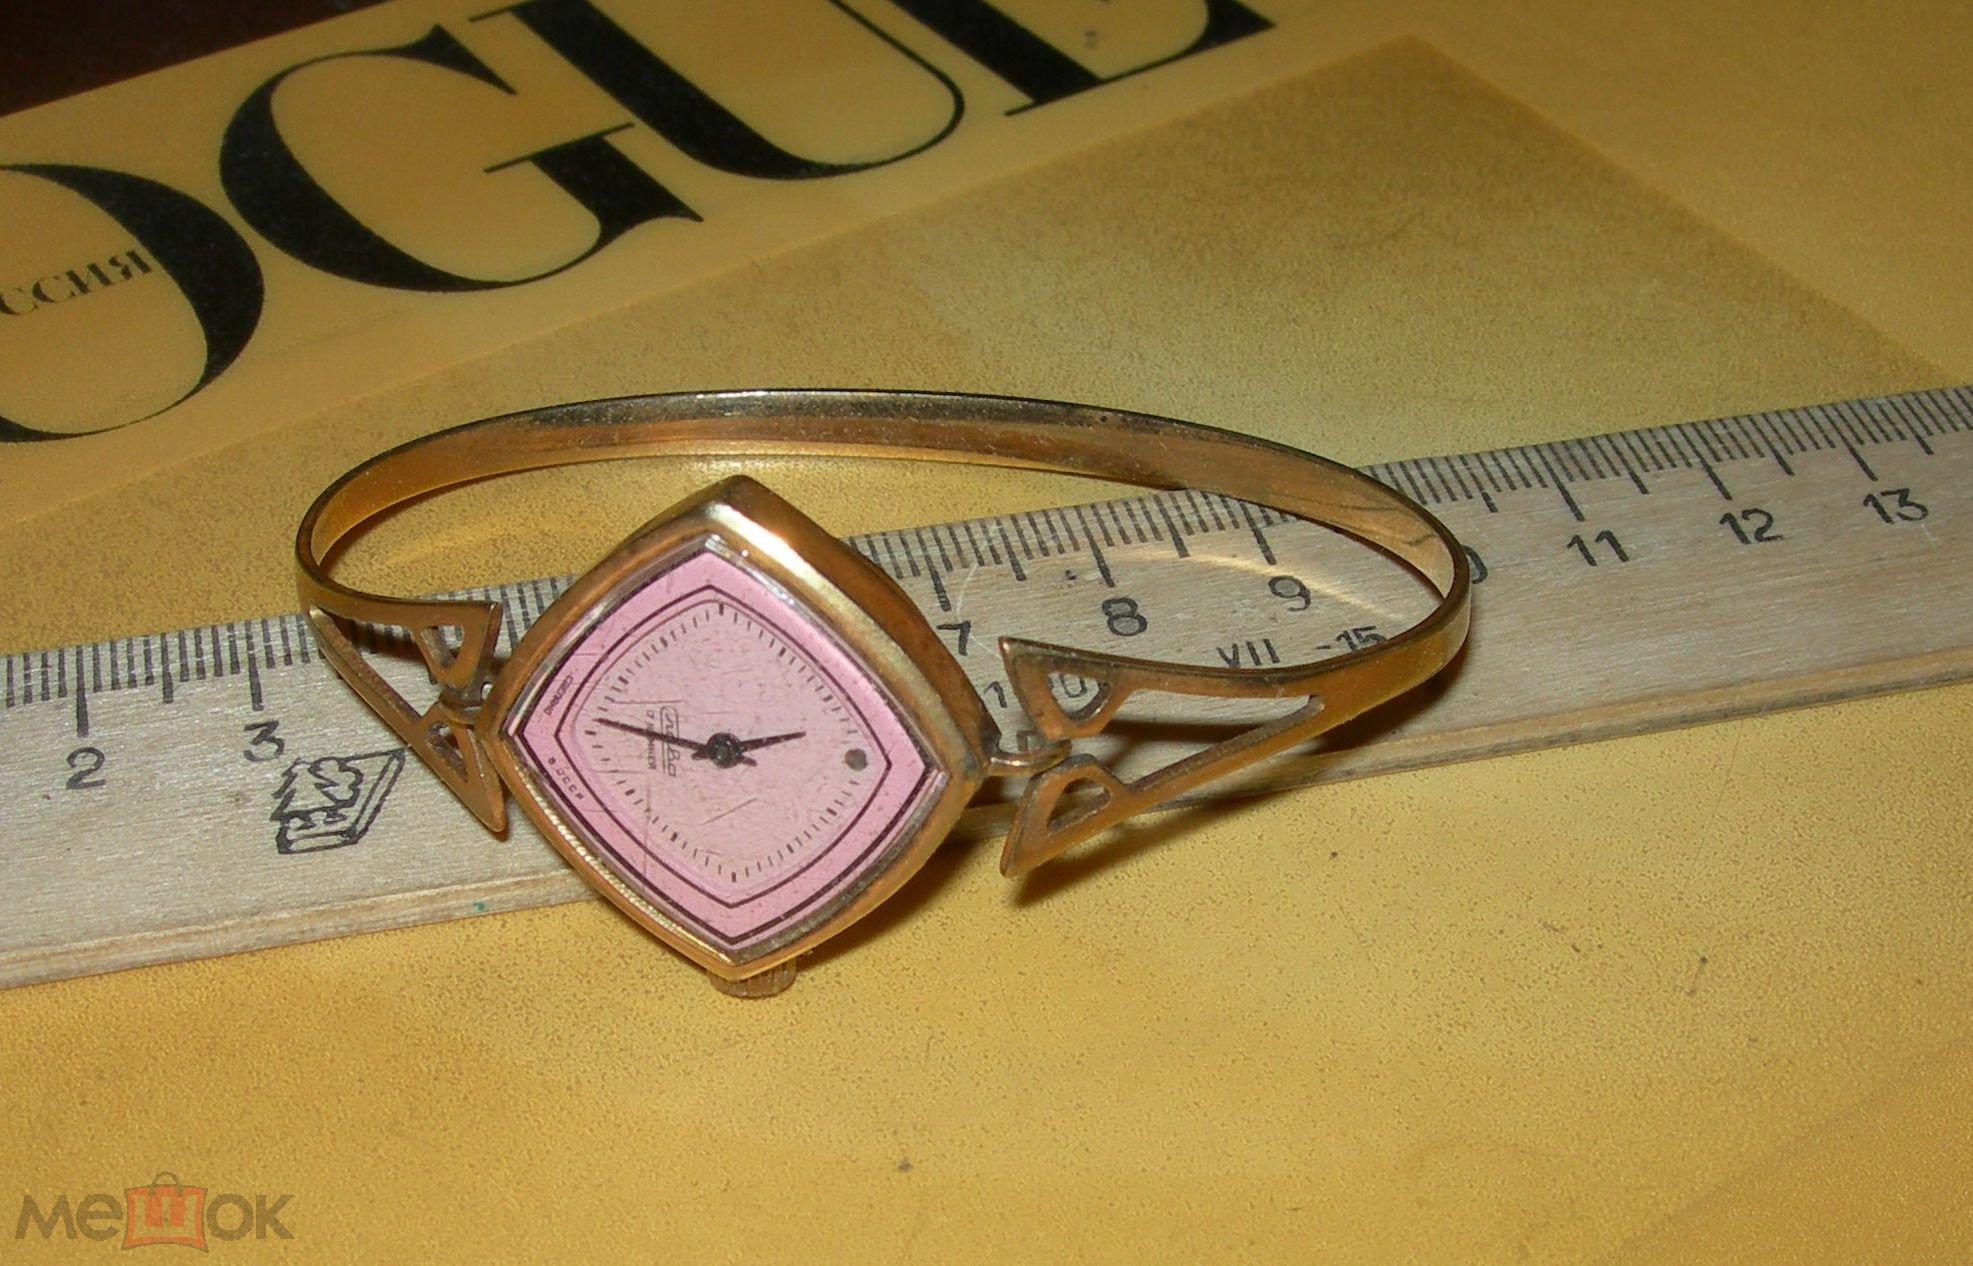 Курьерская компания по городу: также встречались часы с будильником, к которым можно отнести уже электронные модификации.